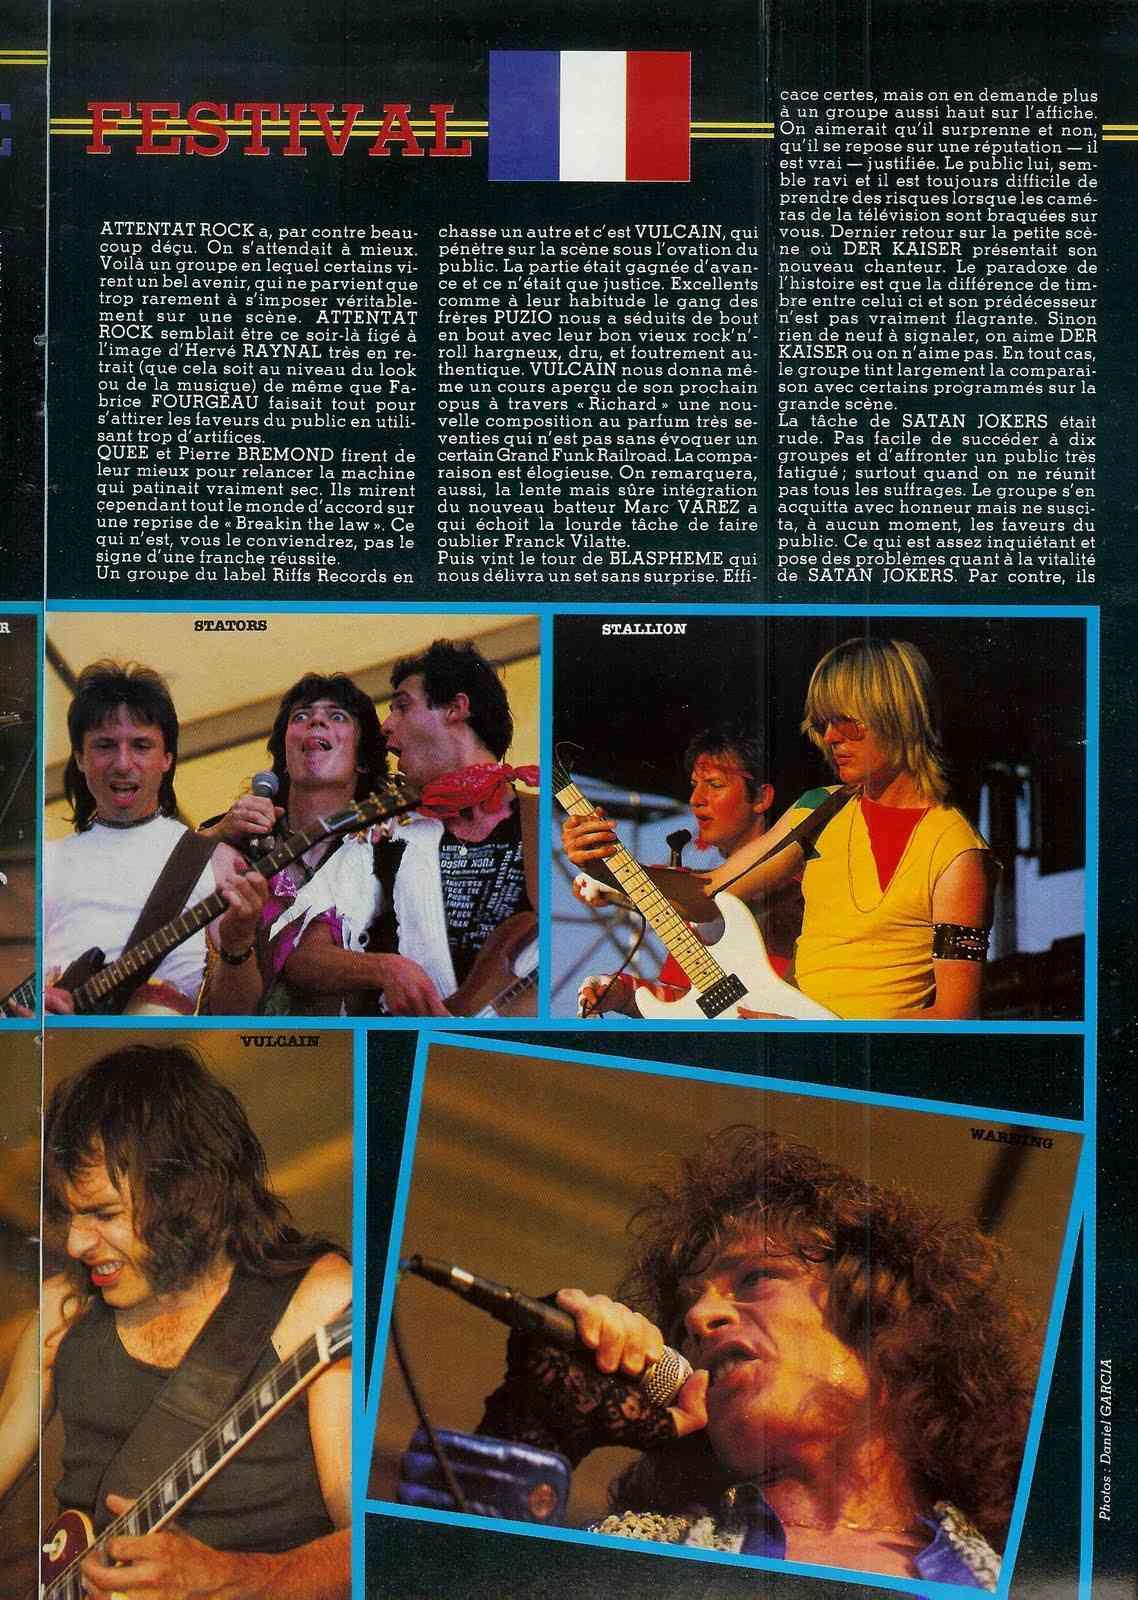 """FRANCE FESTIVAL à Choisy le Roi les 6 et 7 juillet 1985 (Chronique d'une belle aventure) """"Metal Attack"""" Juillet 1985  France14"""